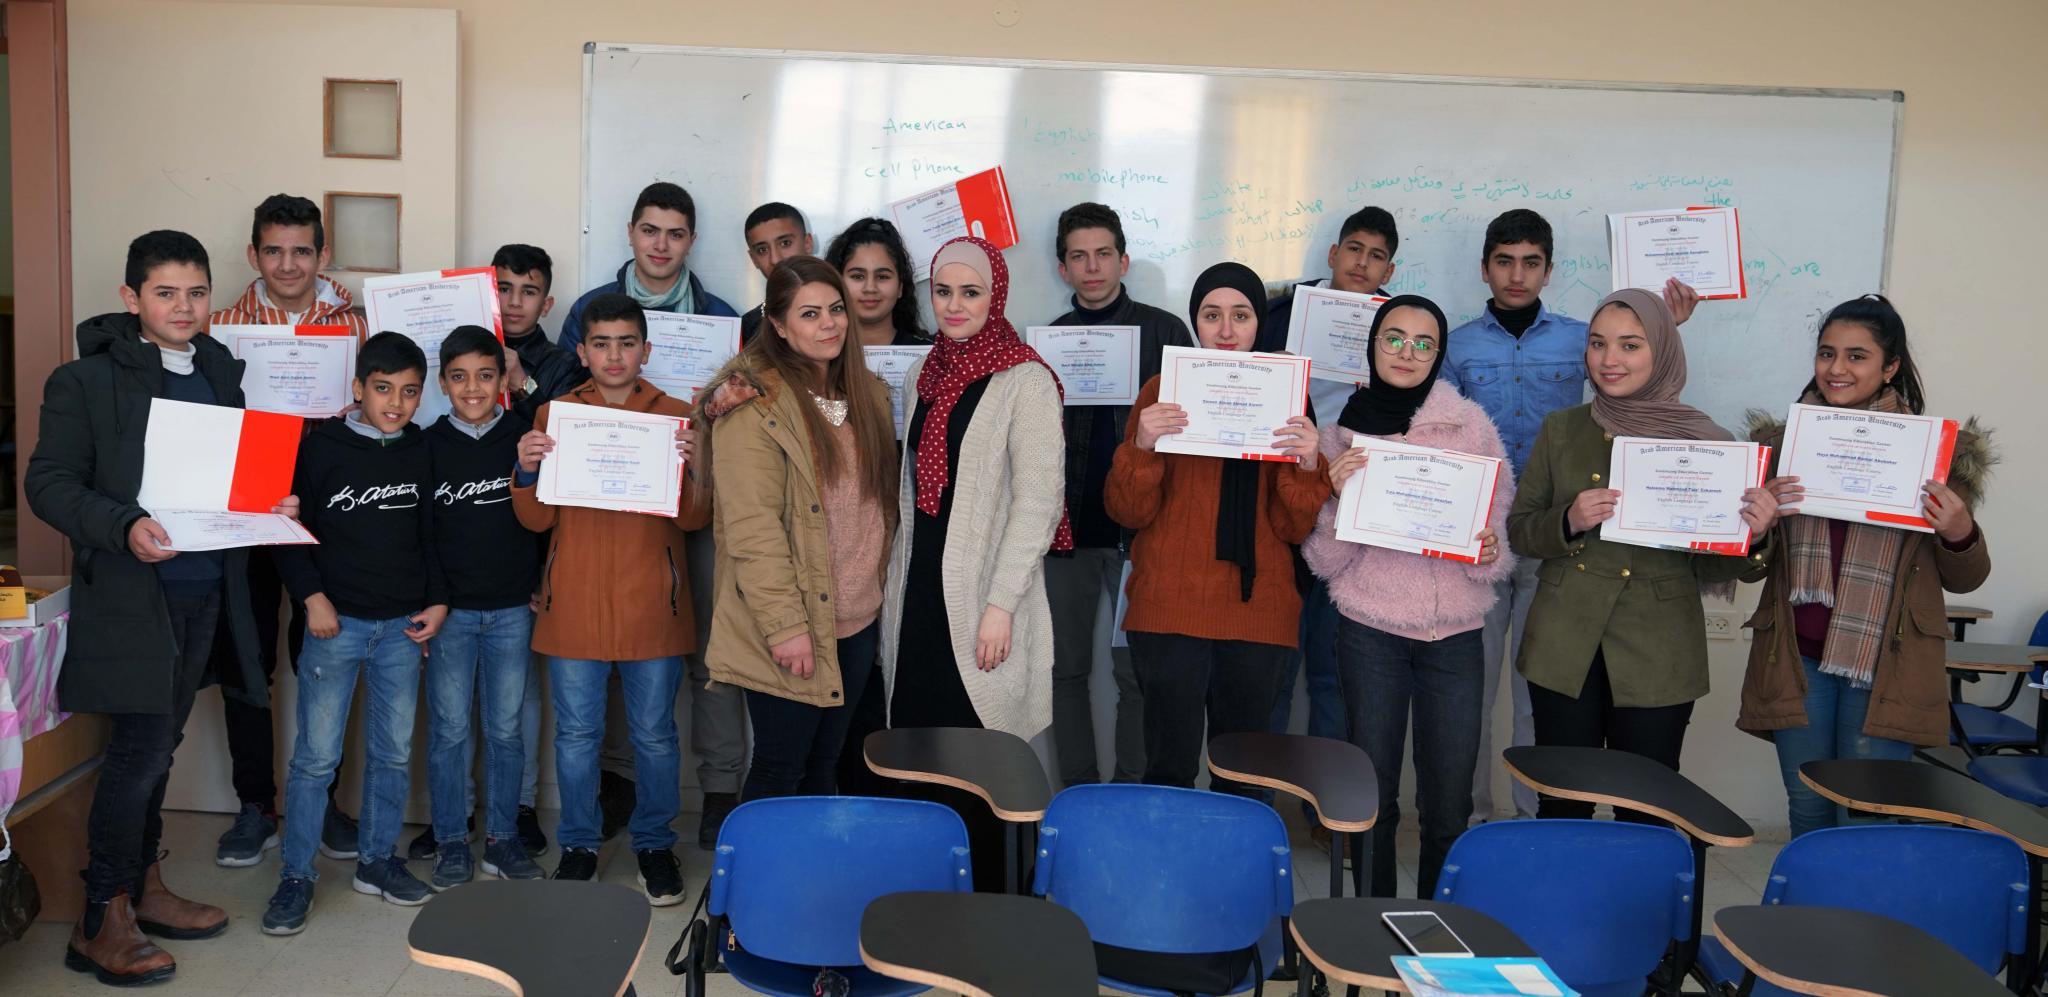 تخريج المشاركين في  دورات نظمها مركز التعليم المستمر في الجامعة العربية الامريكية